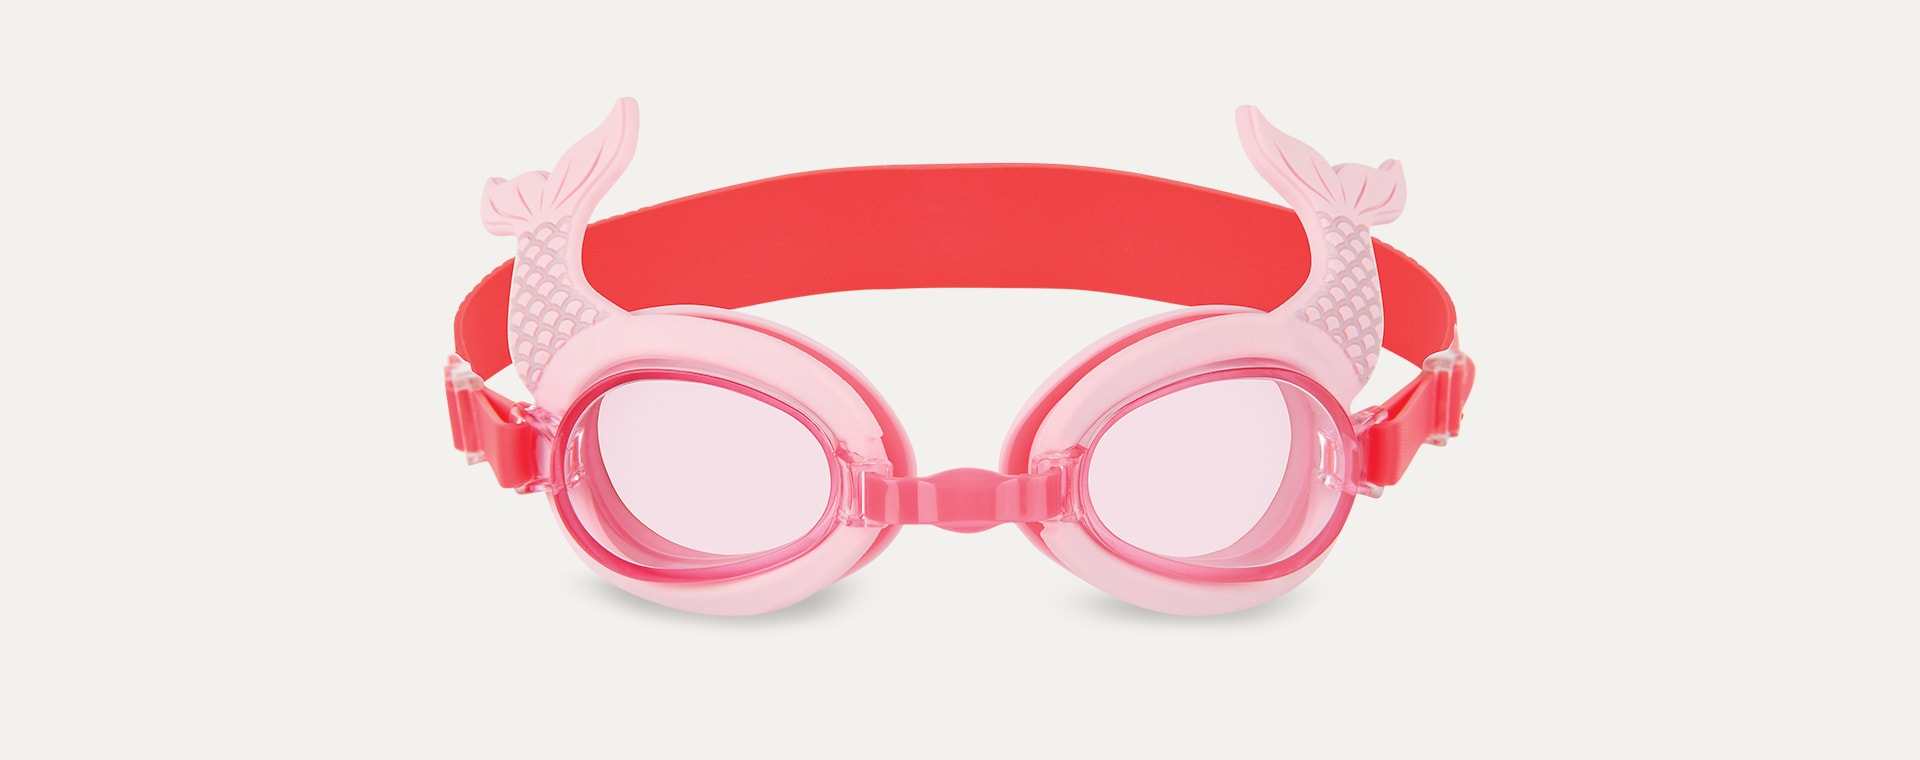 Mermaid Sunnylife Swimming Goggles